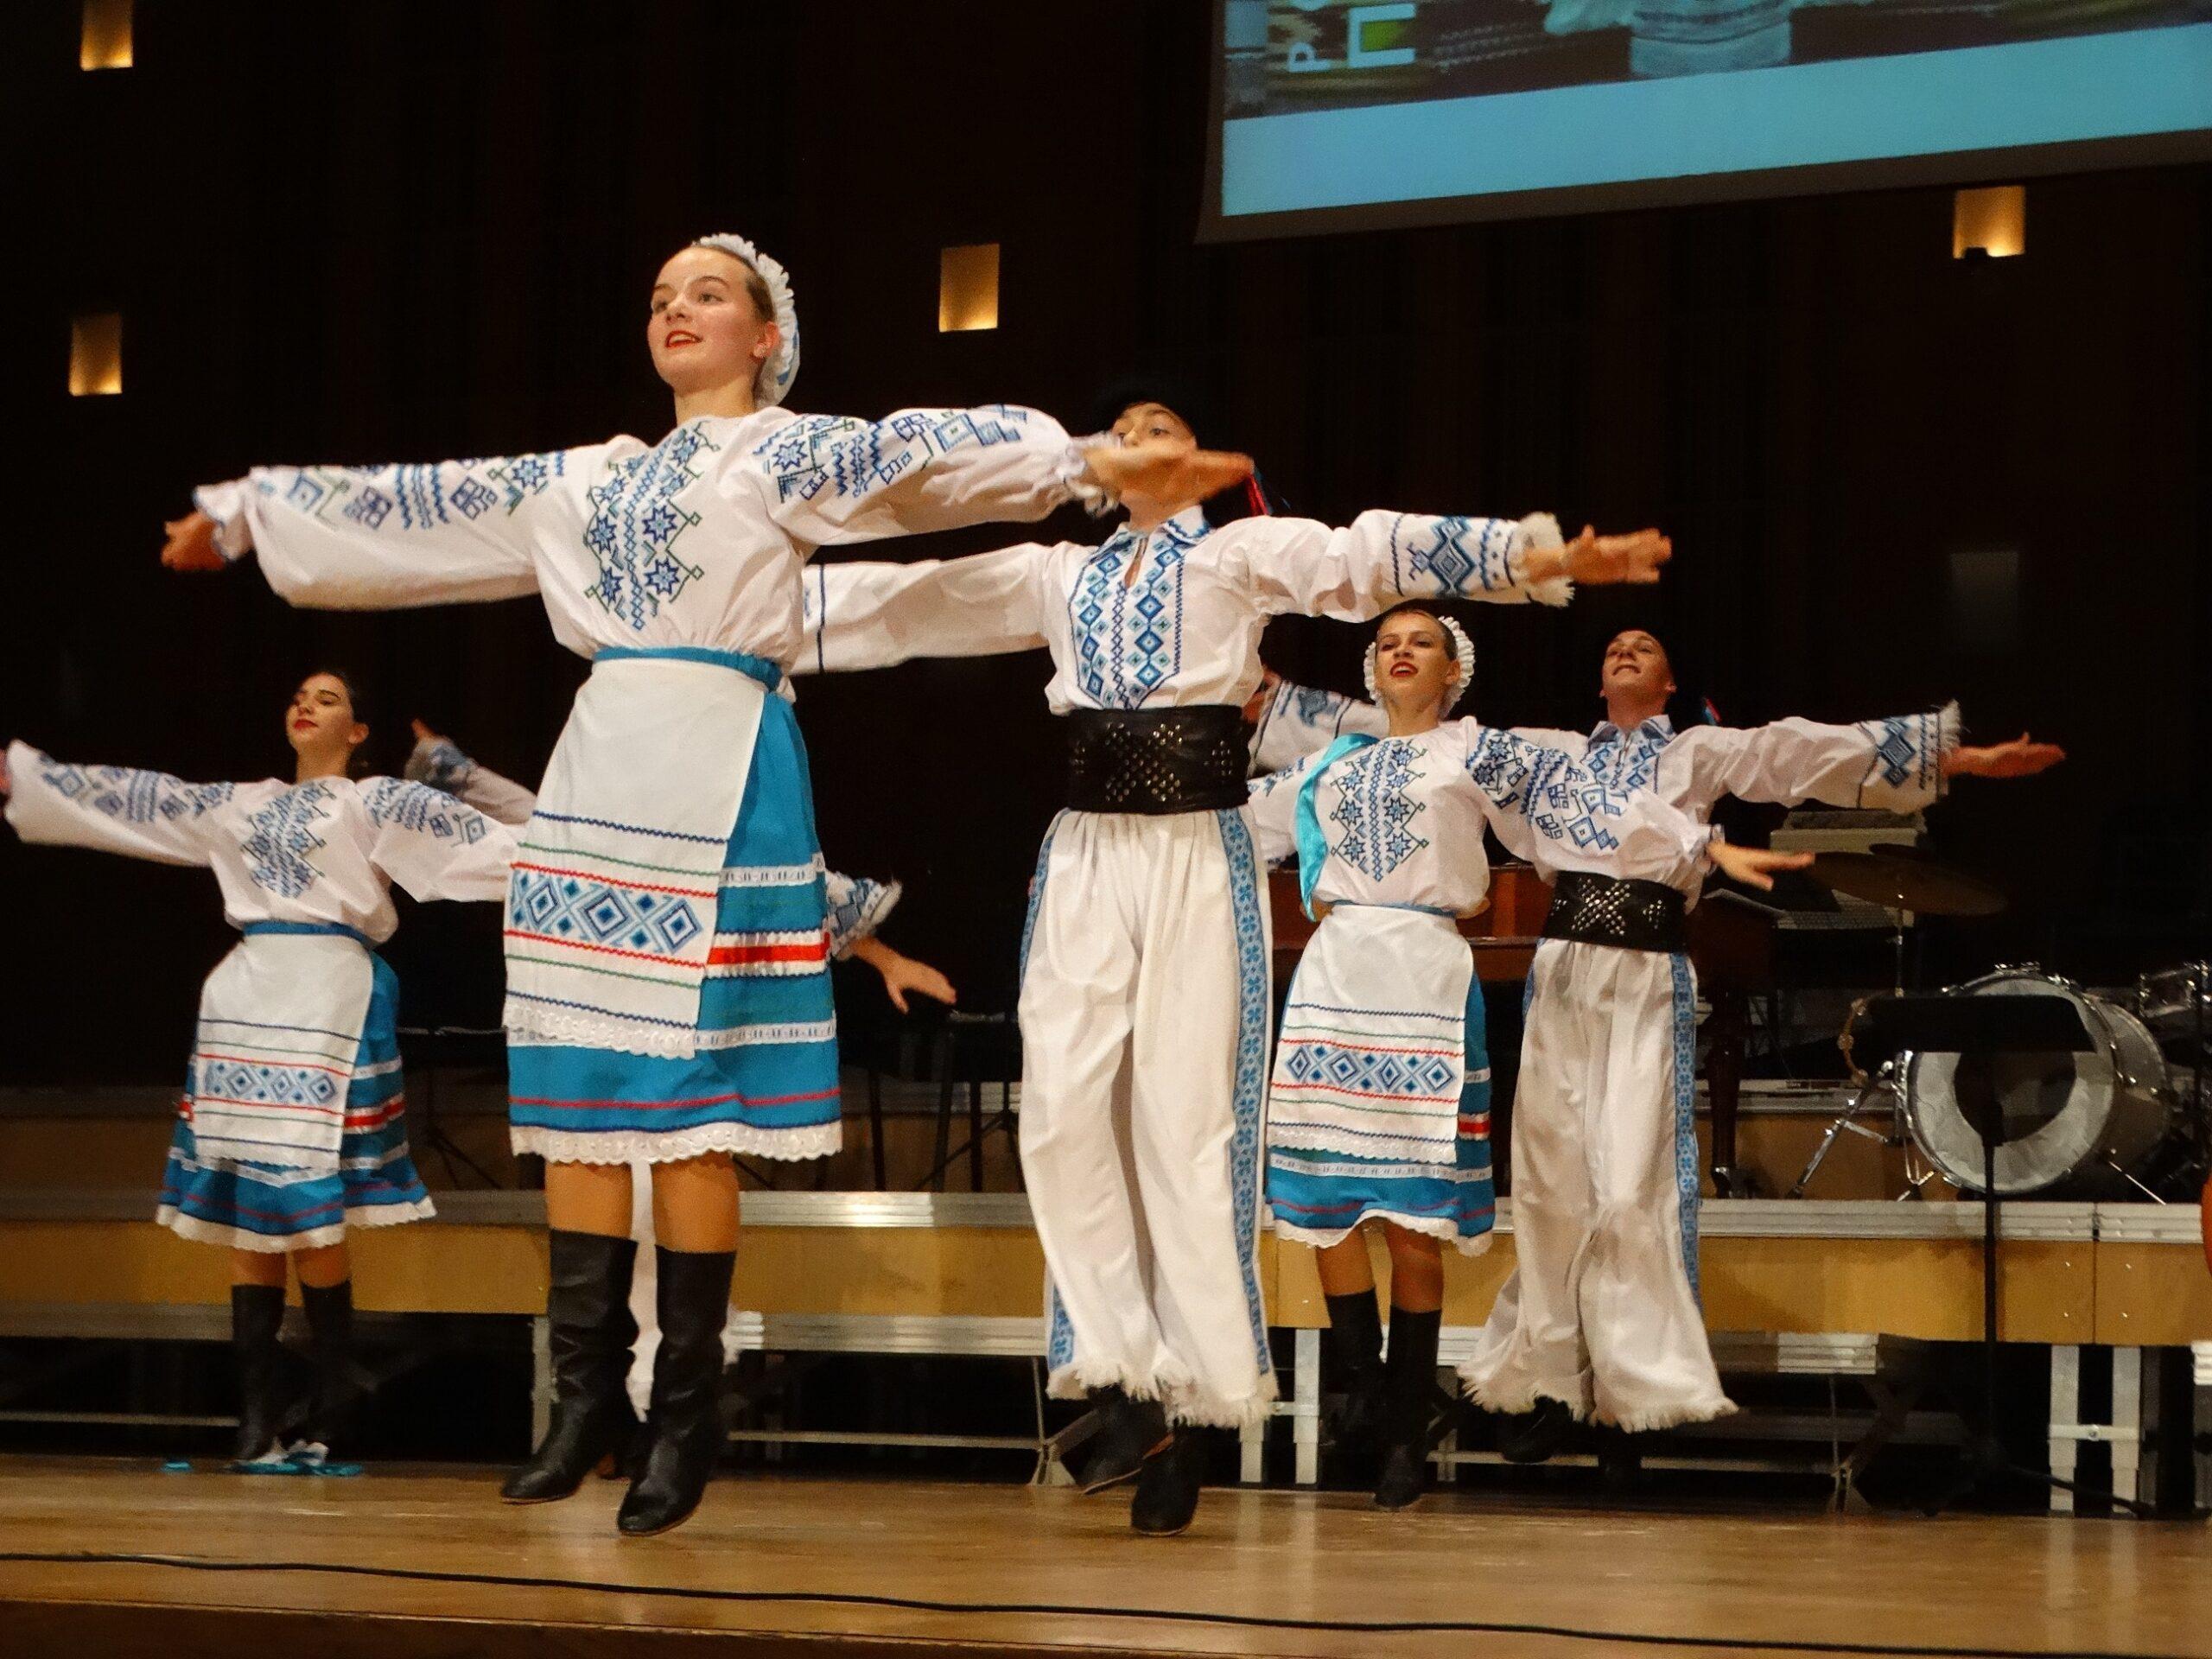 Уже невдовзі – ювілейний 30. Фестиваль української культури «Підляська осінь»